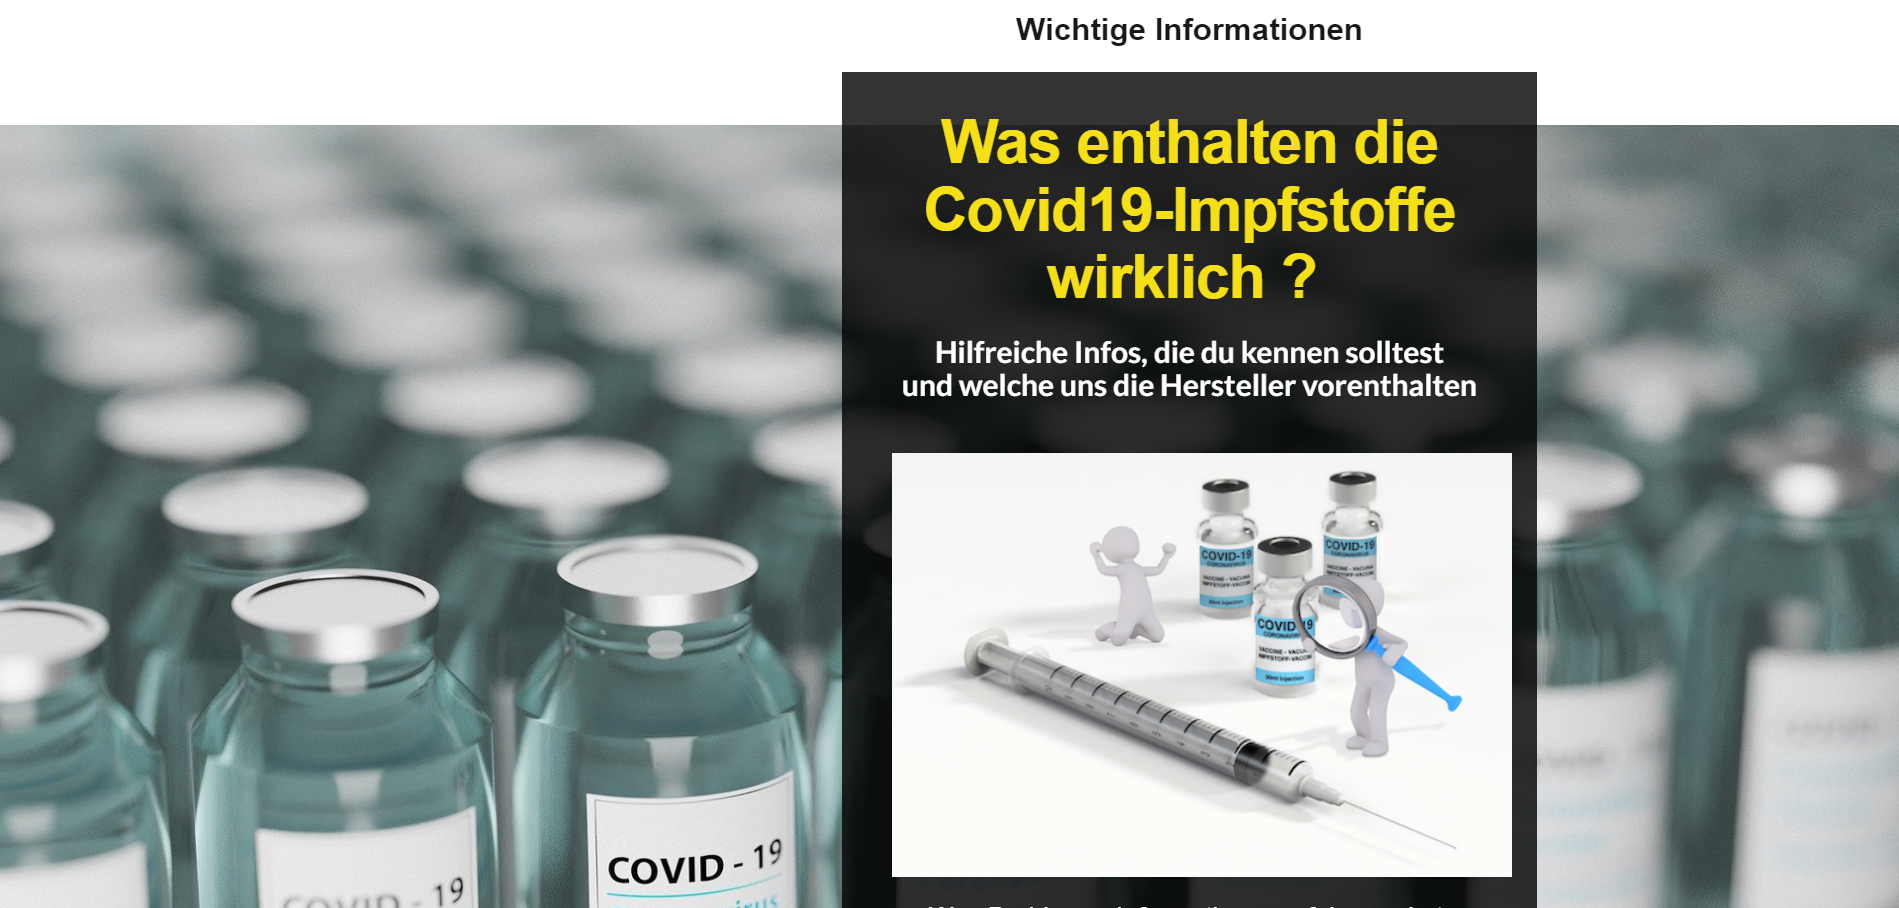 Was enthalten die Covid19-Impfstoffe wirklich ?